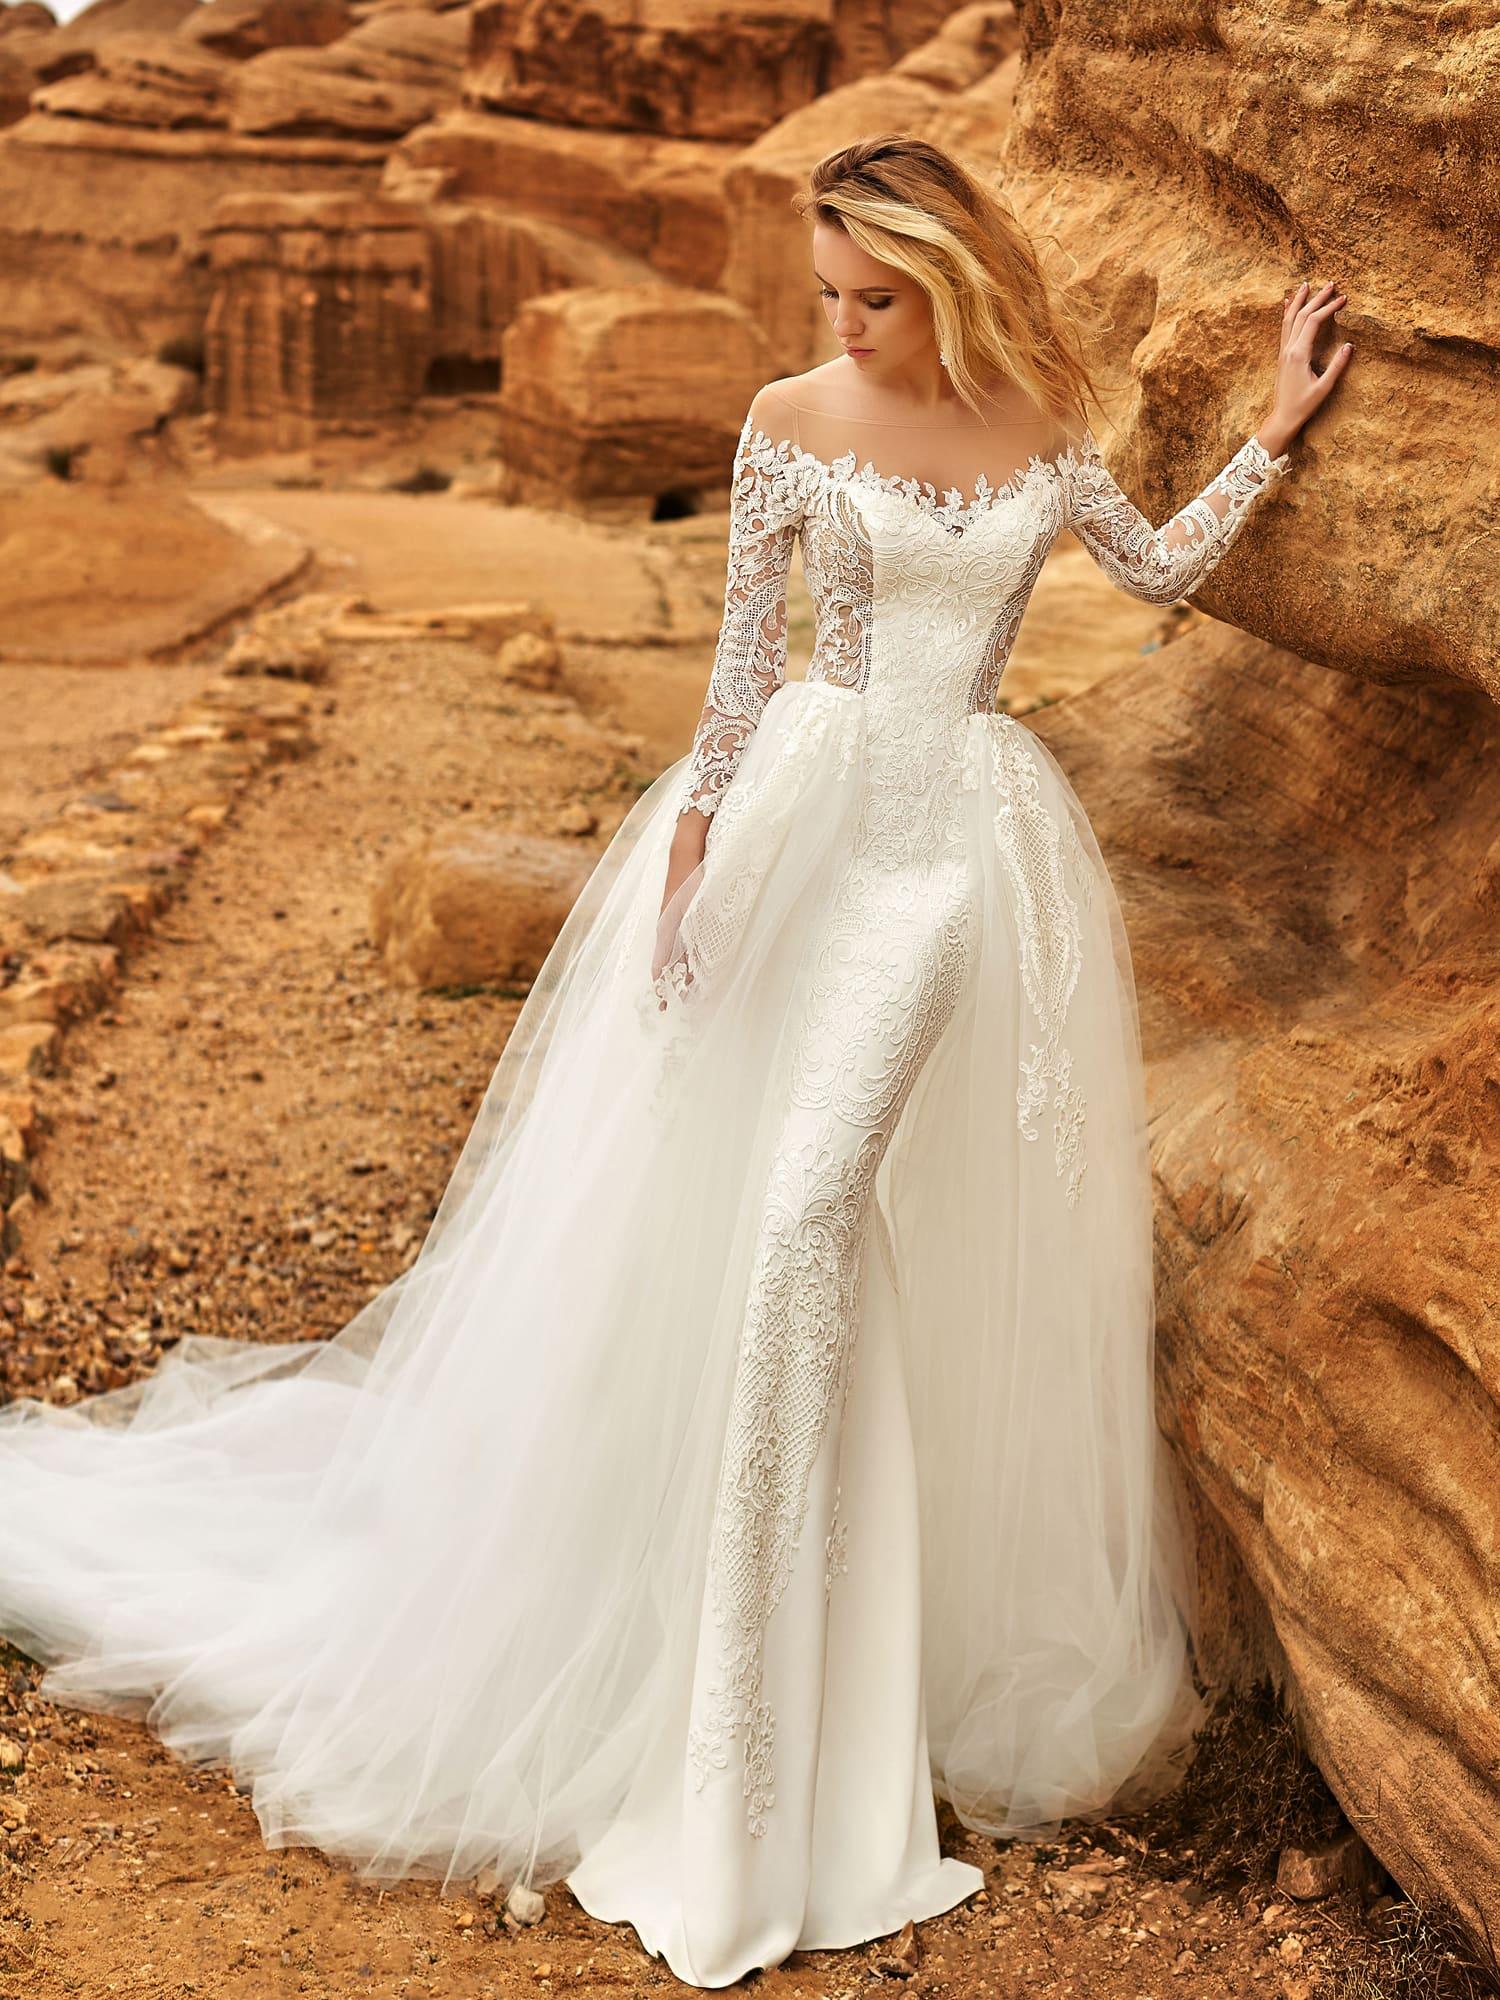 469515c192e Свадебное платье Оксана Муха Amadea ▷ Свадебный Торговый Центр Вега ...